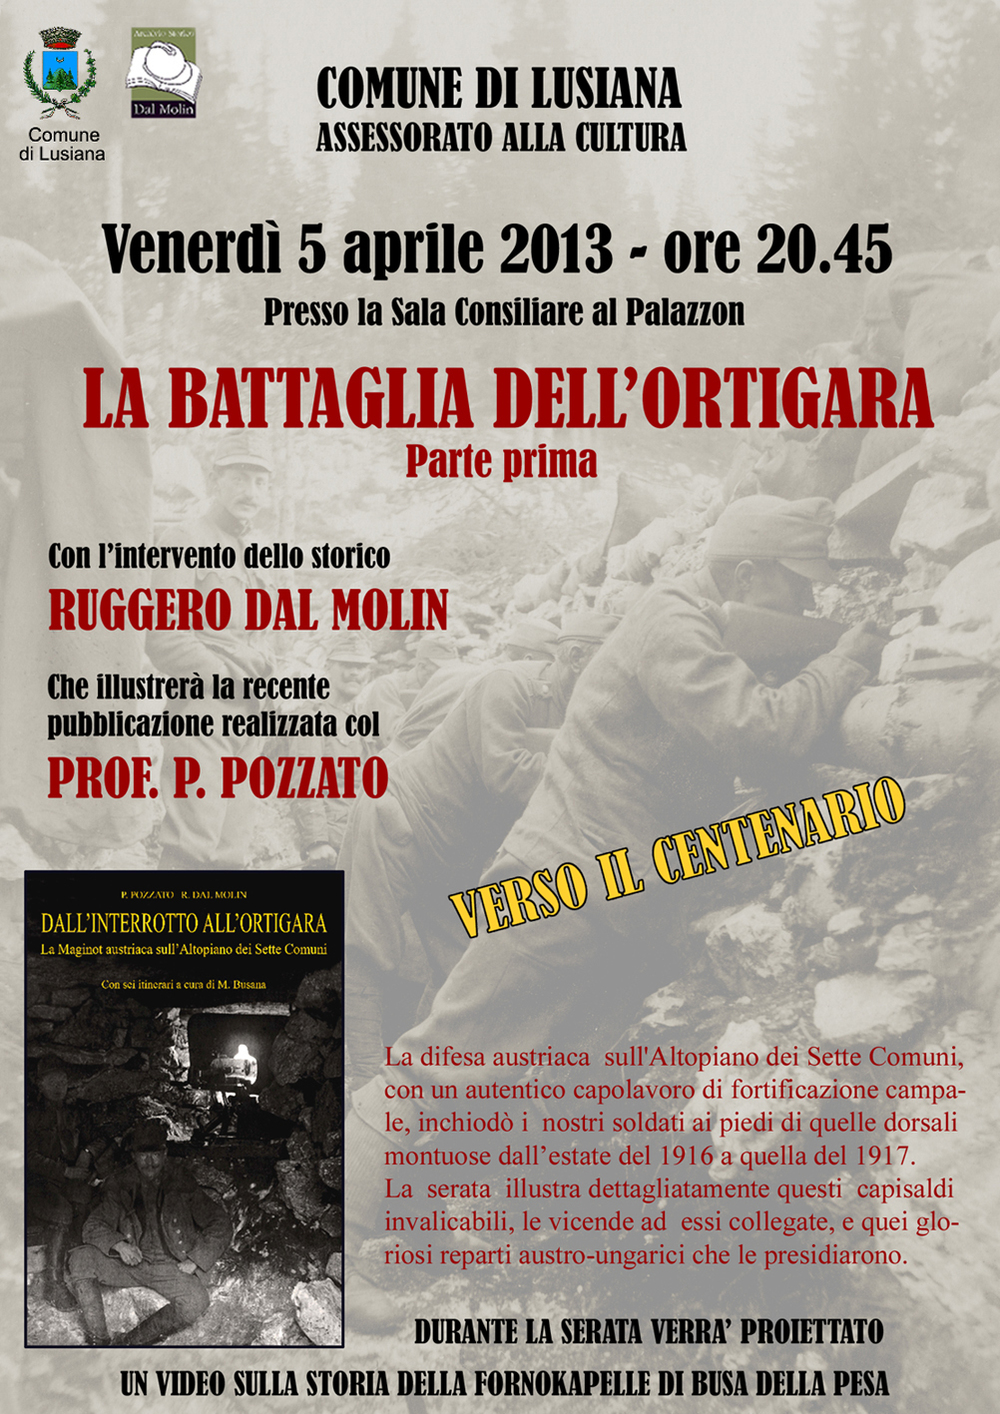 locandina  x Lusiana - Battaglia dell'Ortigara -  Parte I.jpg